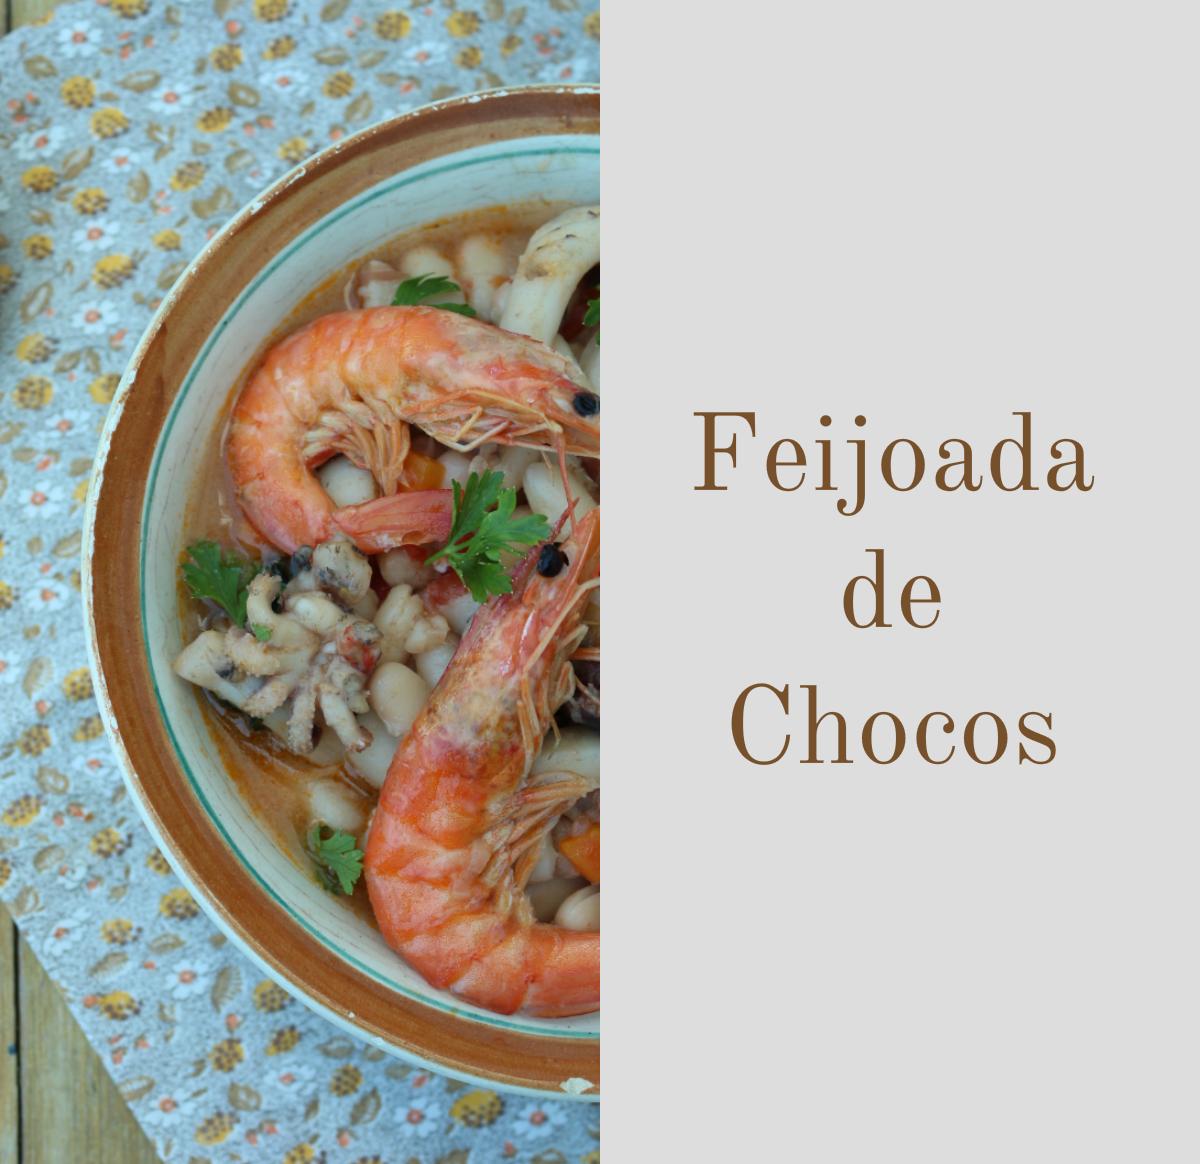 Feijoada de Chocos #7B4826 1200x1164